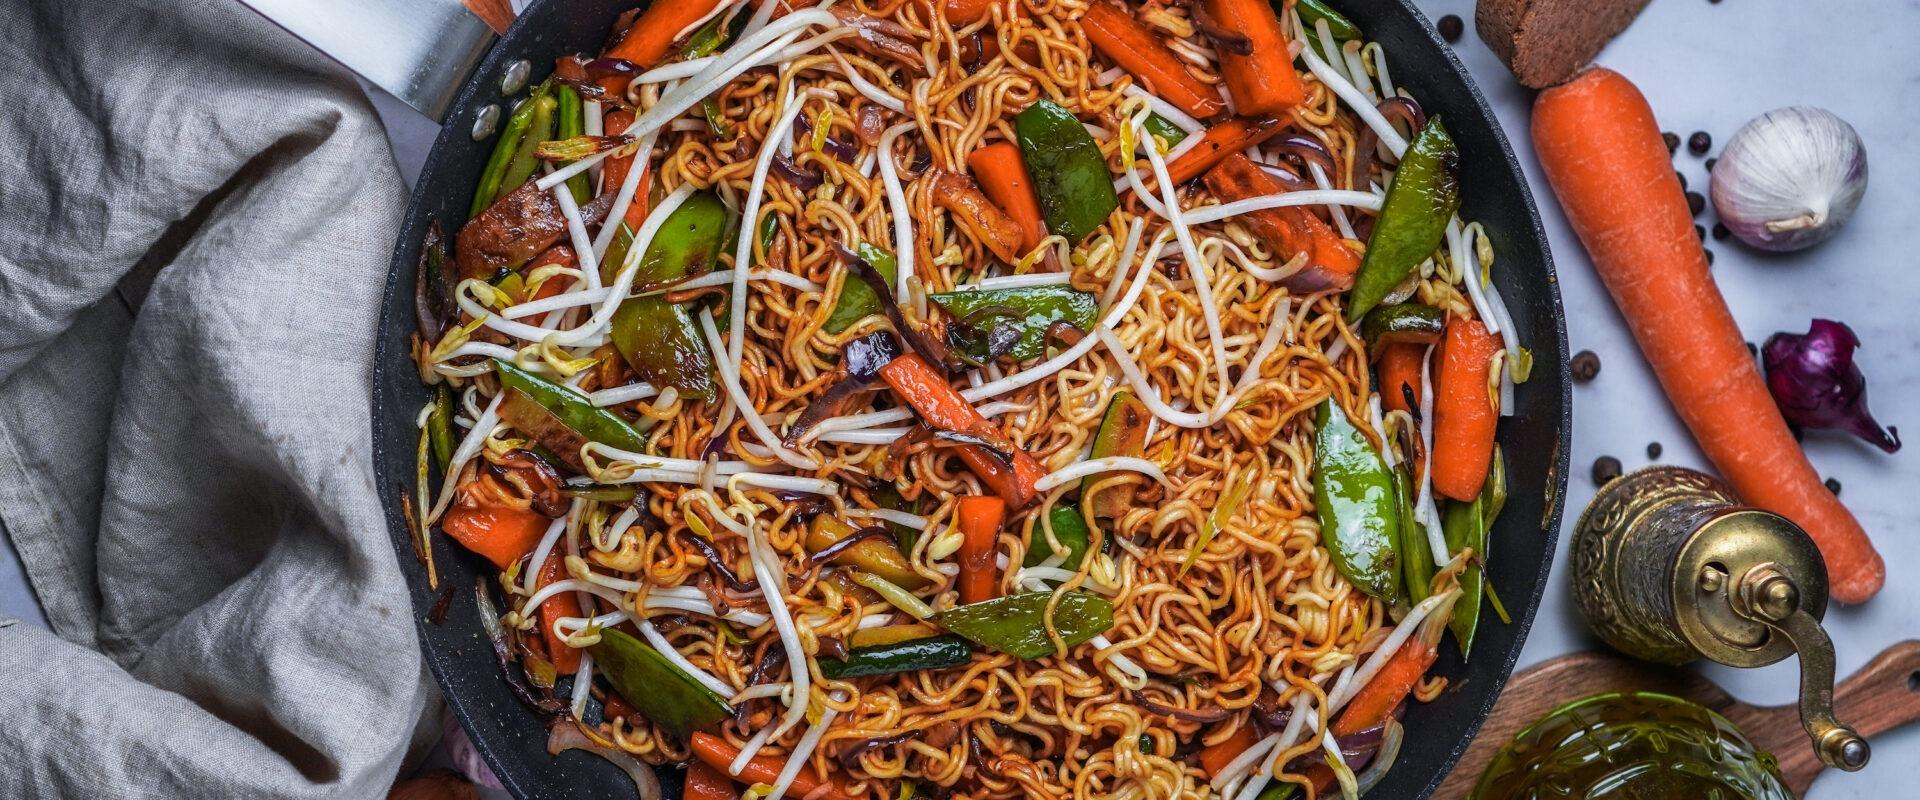 Asia Nudeln mit Gemüse und Erdnussbutter Soße